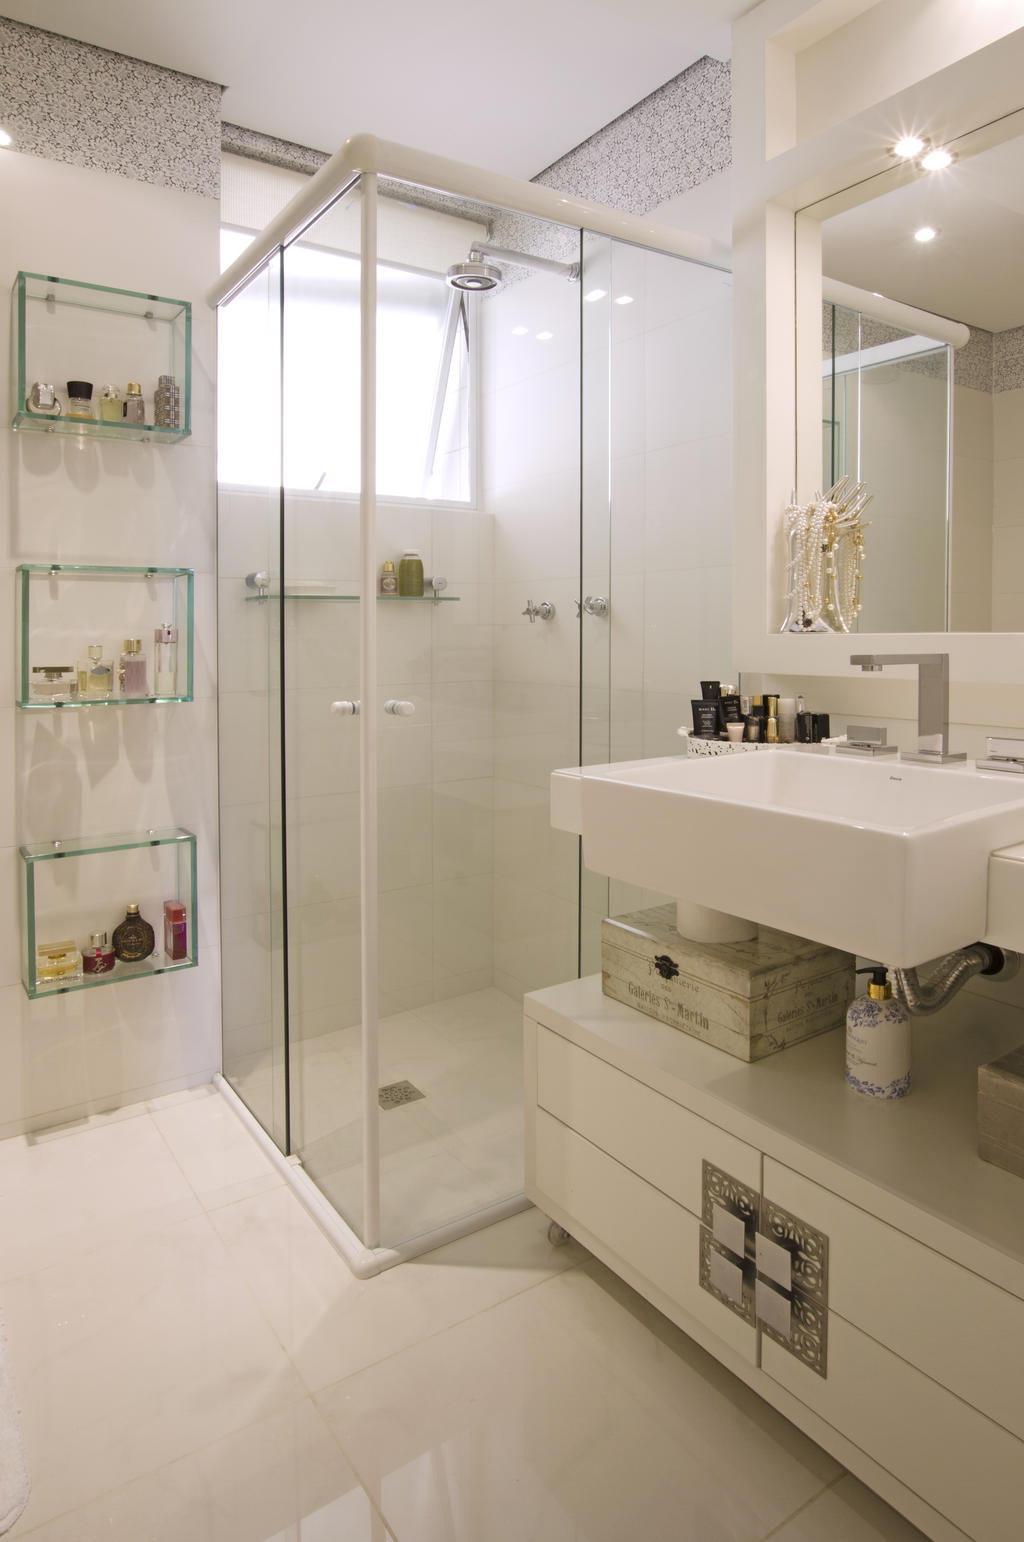 banheiro social ganhou faixa de cerâmica no rodateto na mesma  #957636 1024 1542